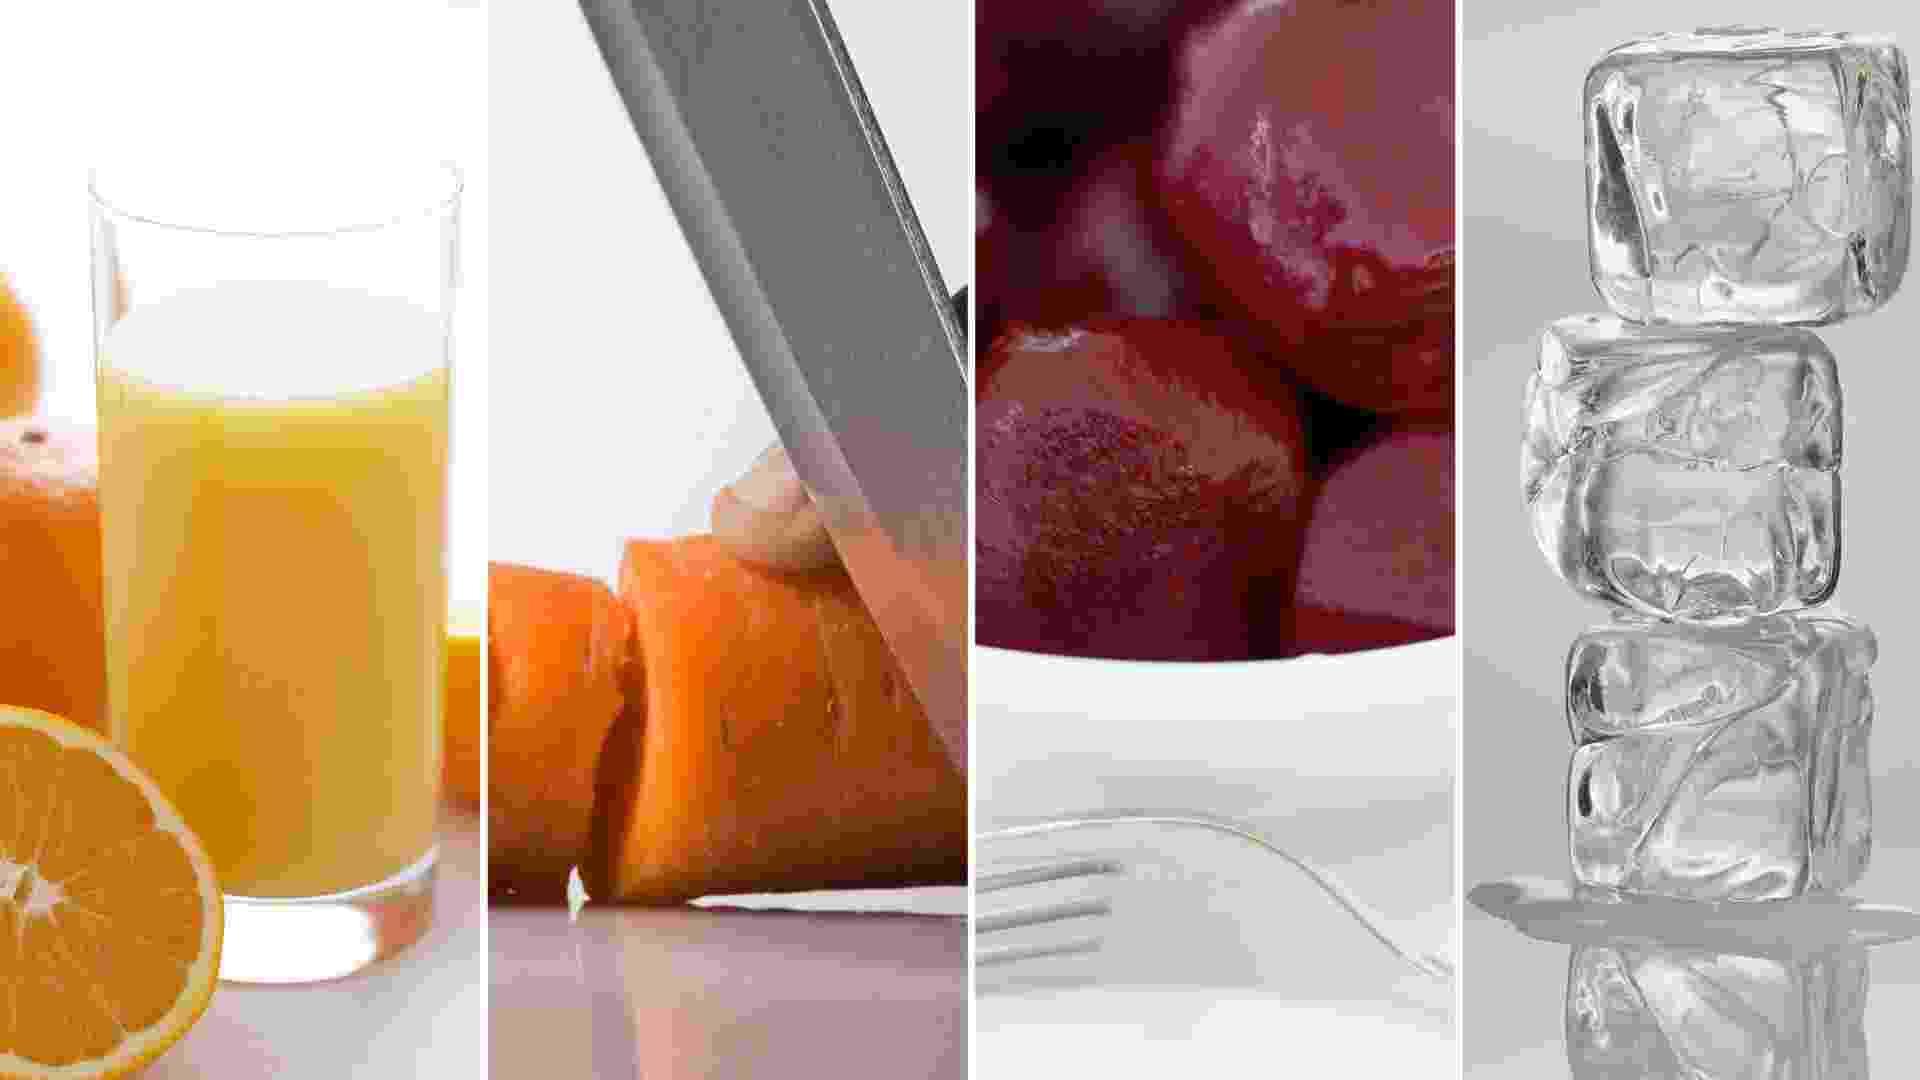 """Arretado! Ingredientes: 1 copo de suco de laranja, 1 cenoura média, 1/2 beterraba crua, cubos de gelo. Modo de Preparo: esprema a laranja e bata no liquidificador, juntamente com a cenoura, a beterraba e os cubos de gelo. Importante: """"Tome logo em seguida para que a vitamina C não seja oxidada"""". (Por Mariana Daltro) - Getty Images"""